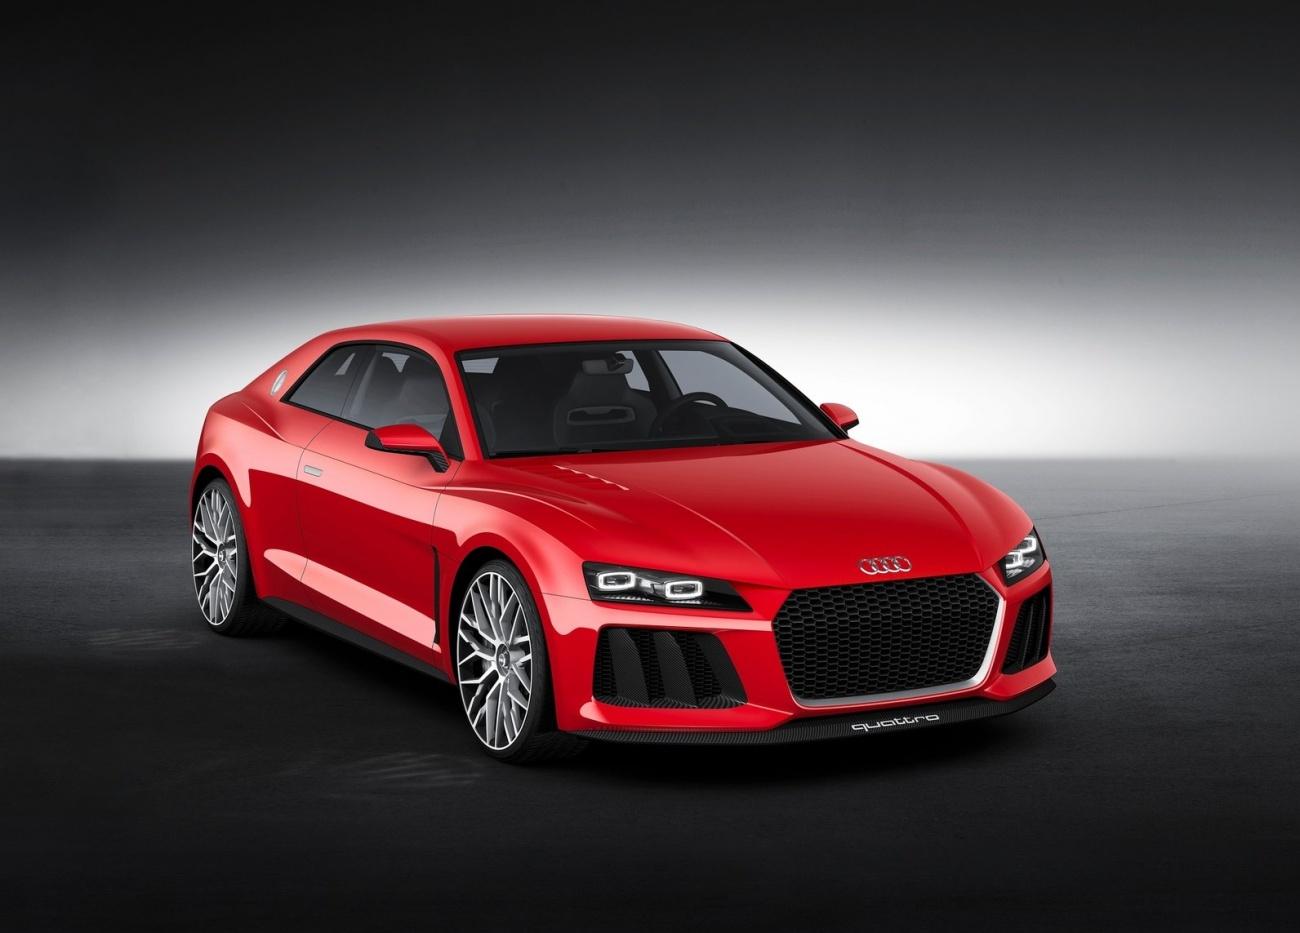 Audi-Sport_quattro_Laserlight_Concept